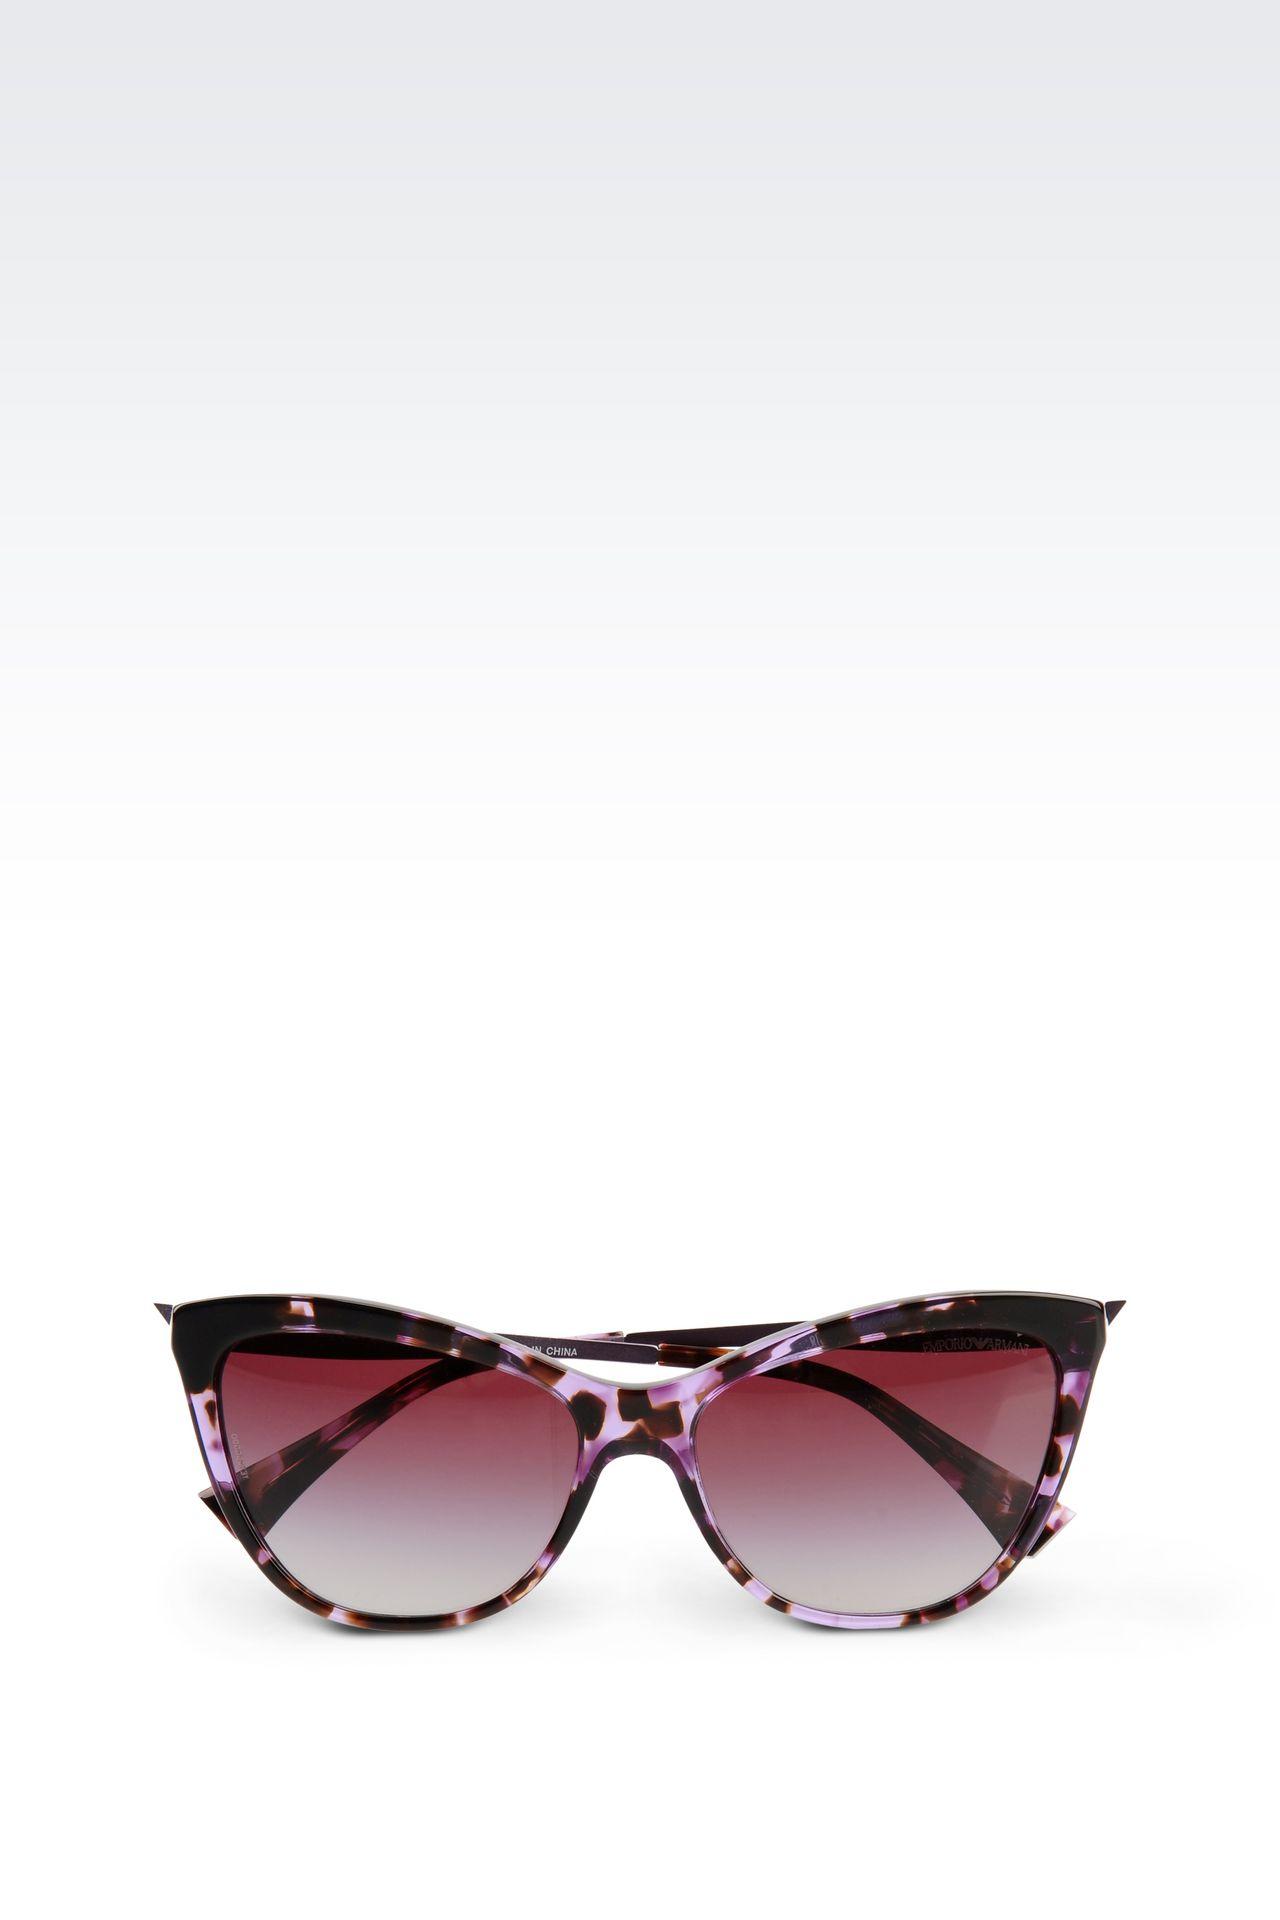 2016 glasses  sun glasses